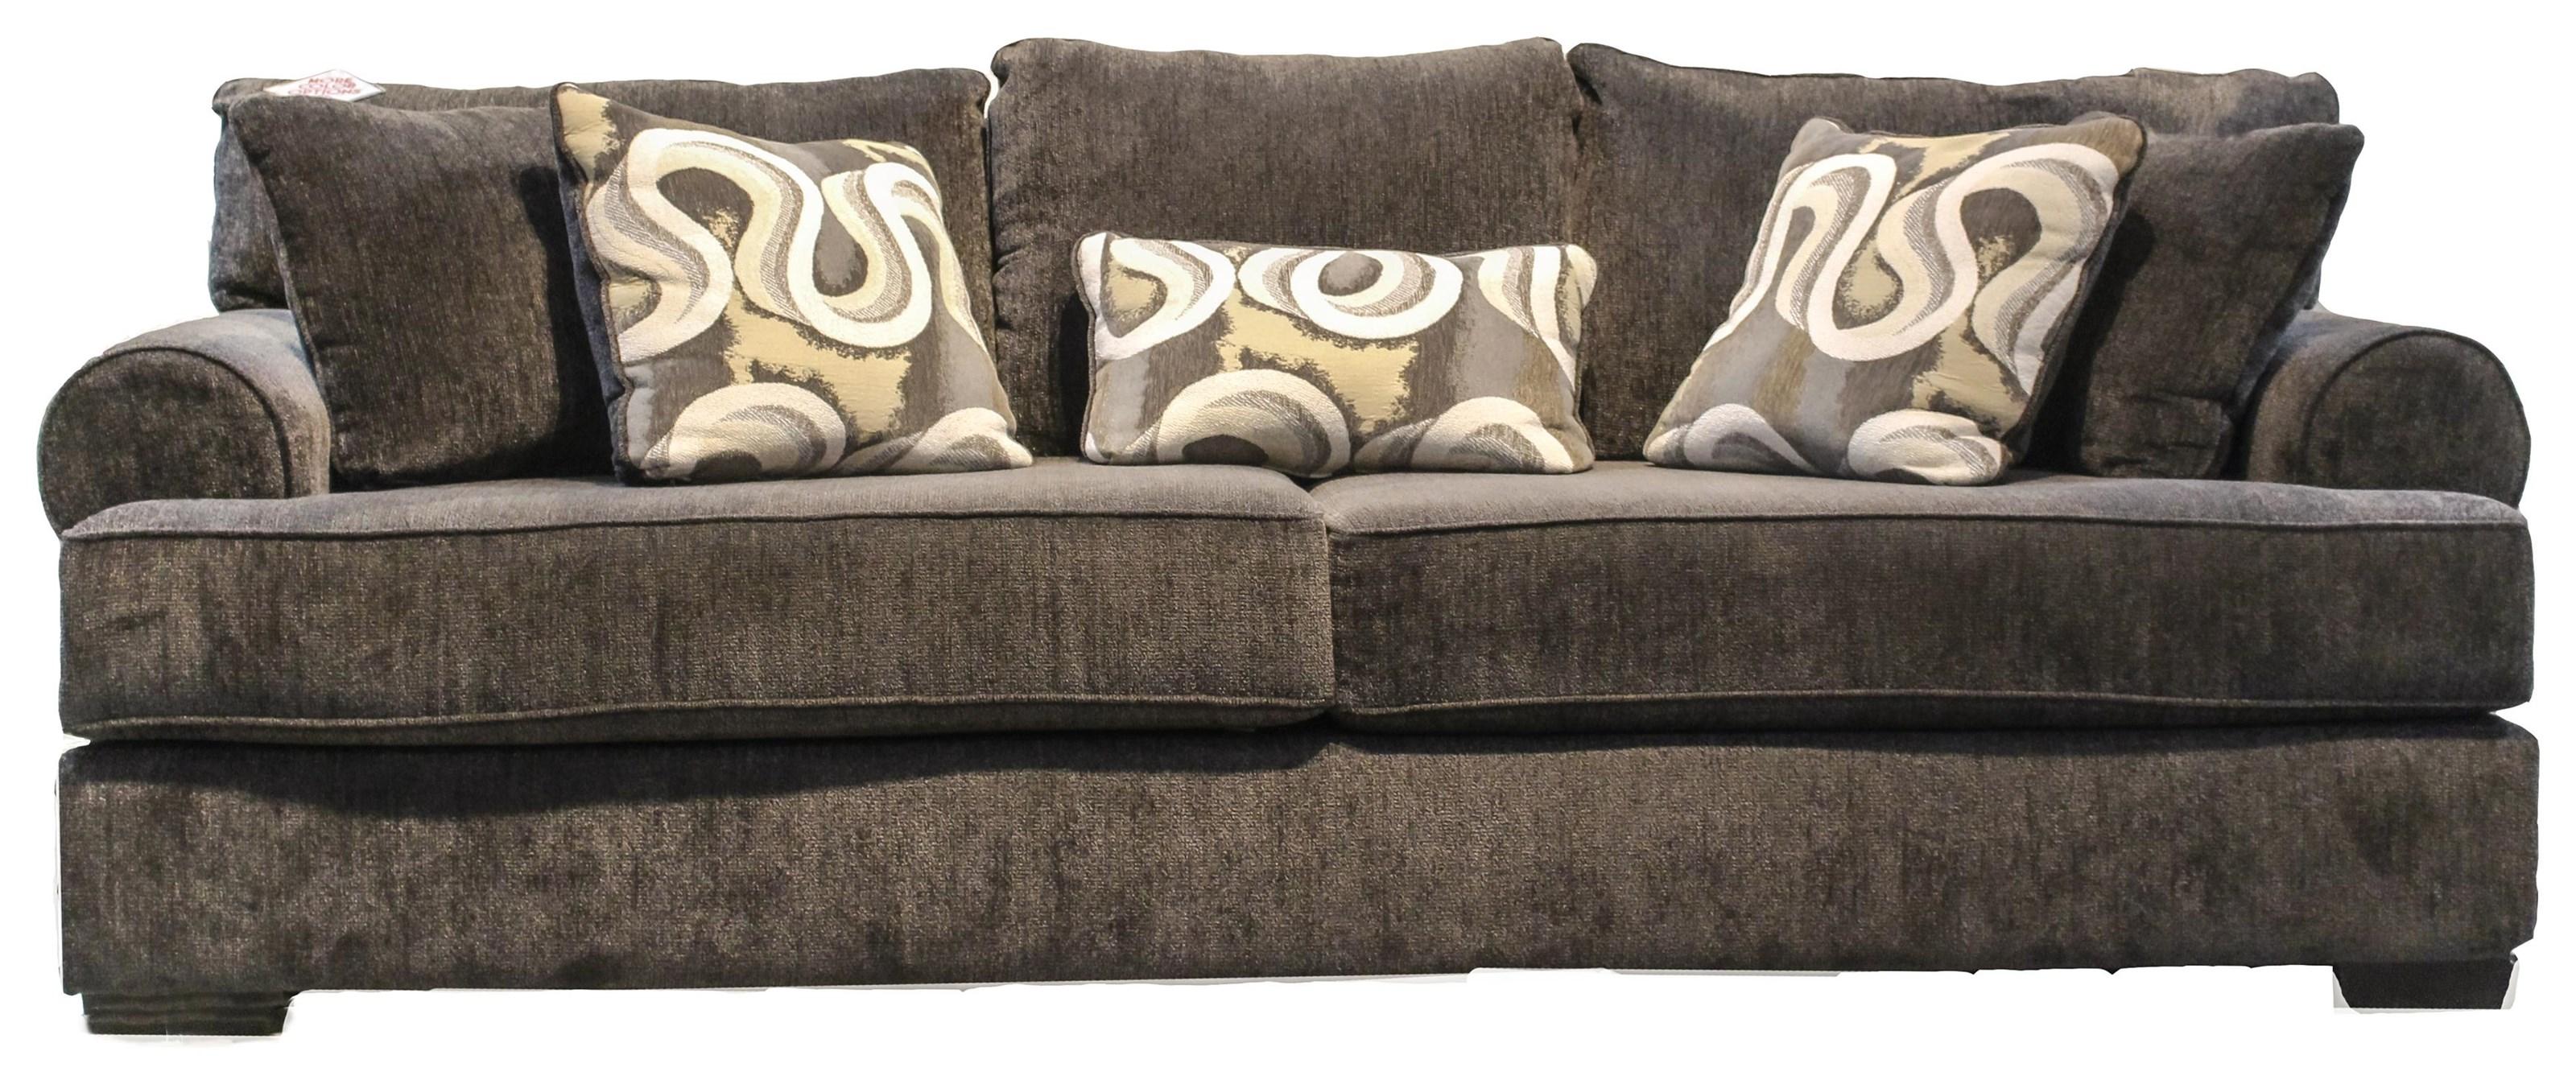 Camaro Champ Granite Sofa by Michael Nicholas at Beck's Furniture